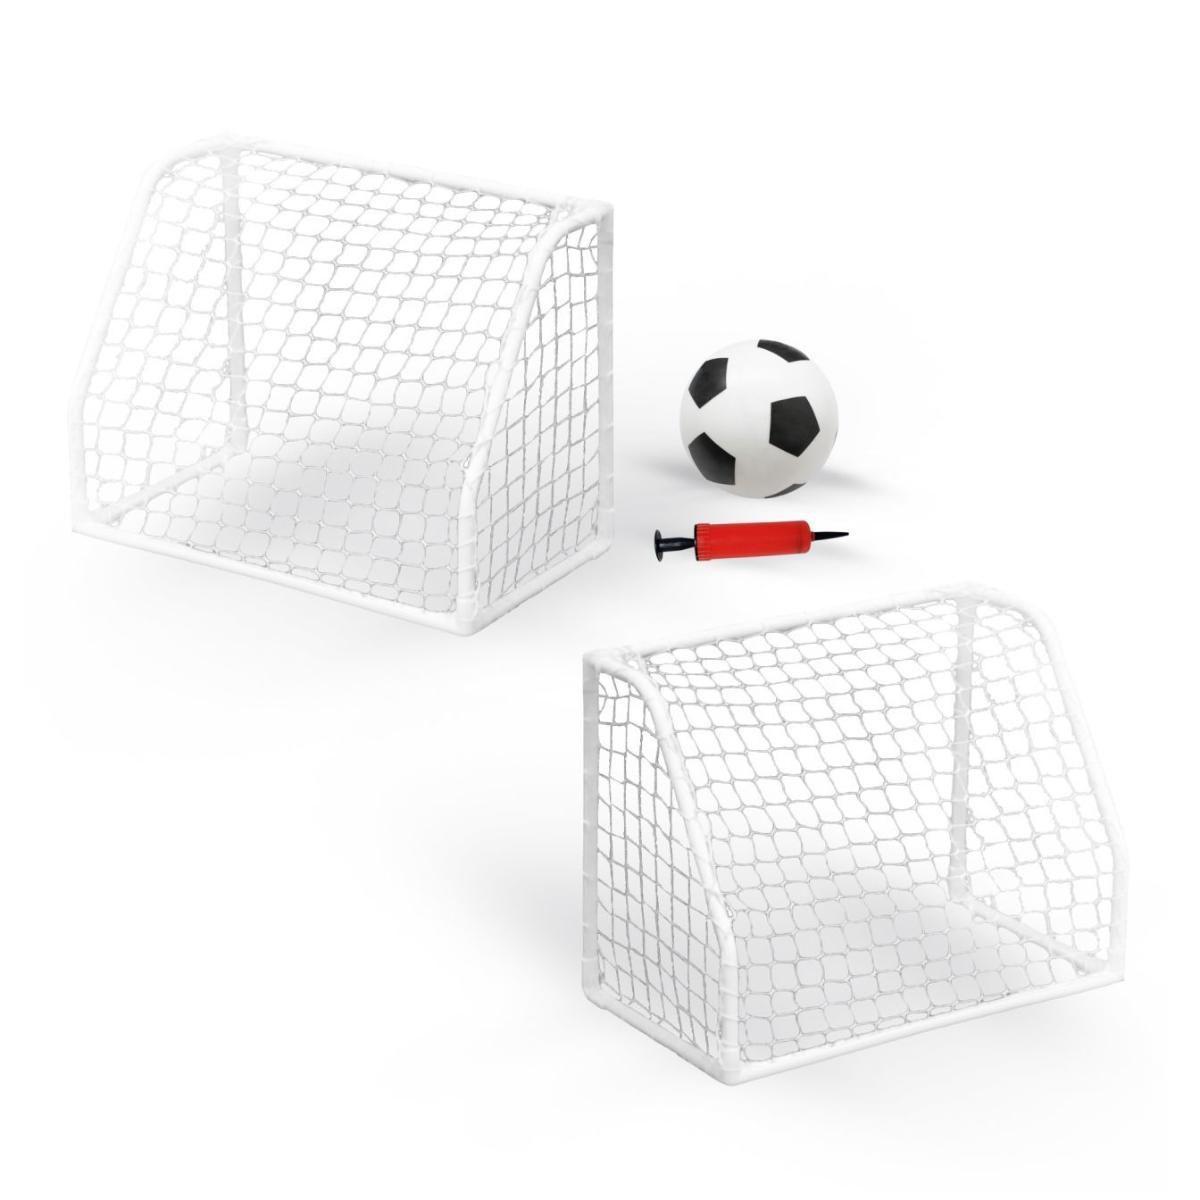 Kit Mini Trave Futebol Portátil com Redes e Bola Pelegrin PEL-FT10 Produto  não disponível 063f31d44b3c4